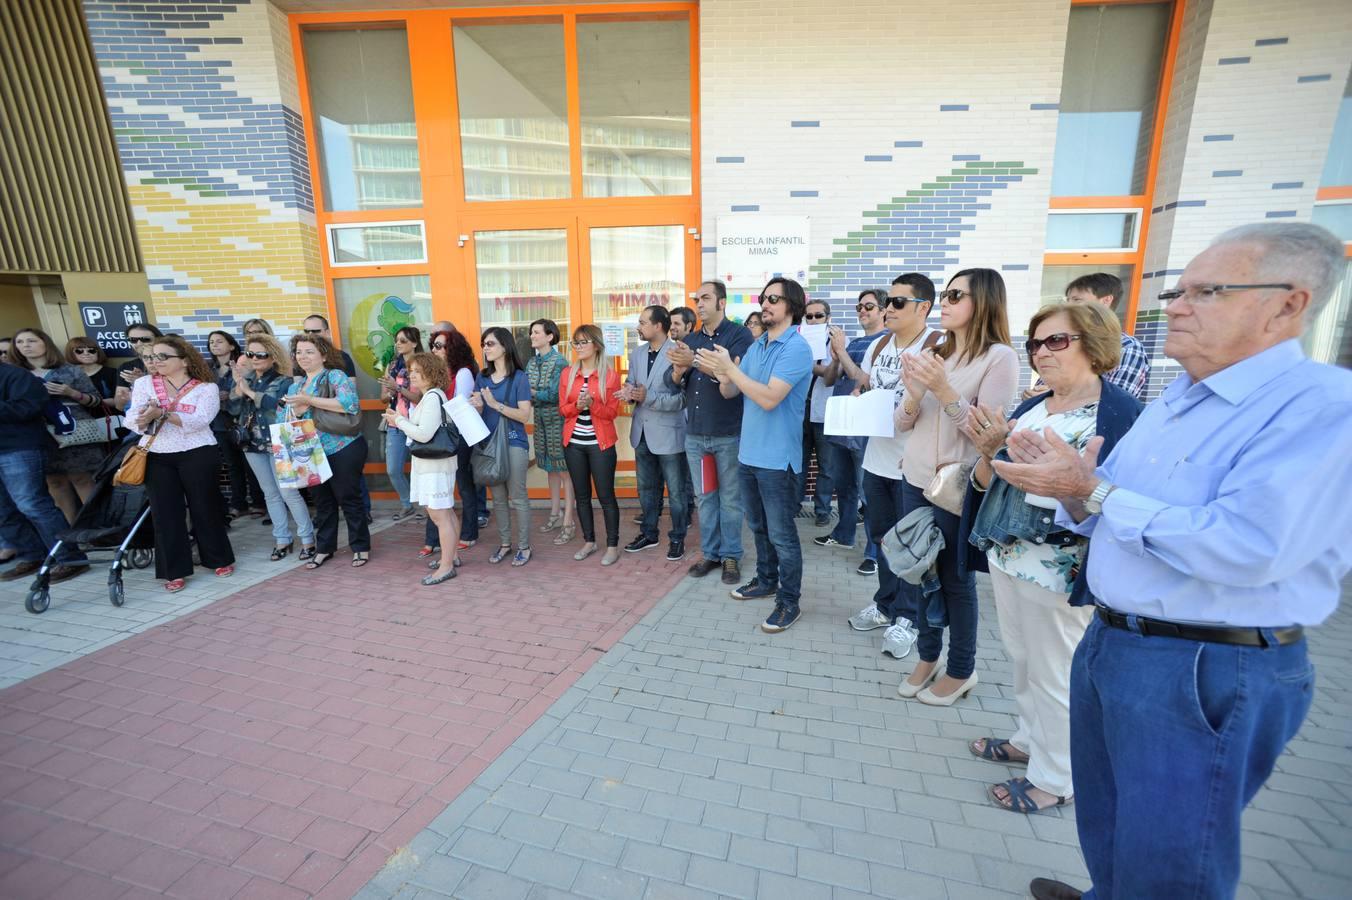 Protesta de los padres de la guardería Mimas